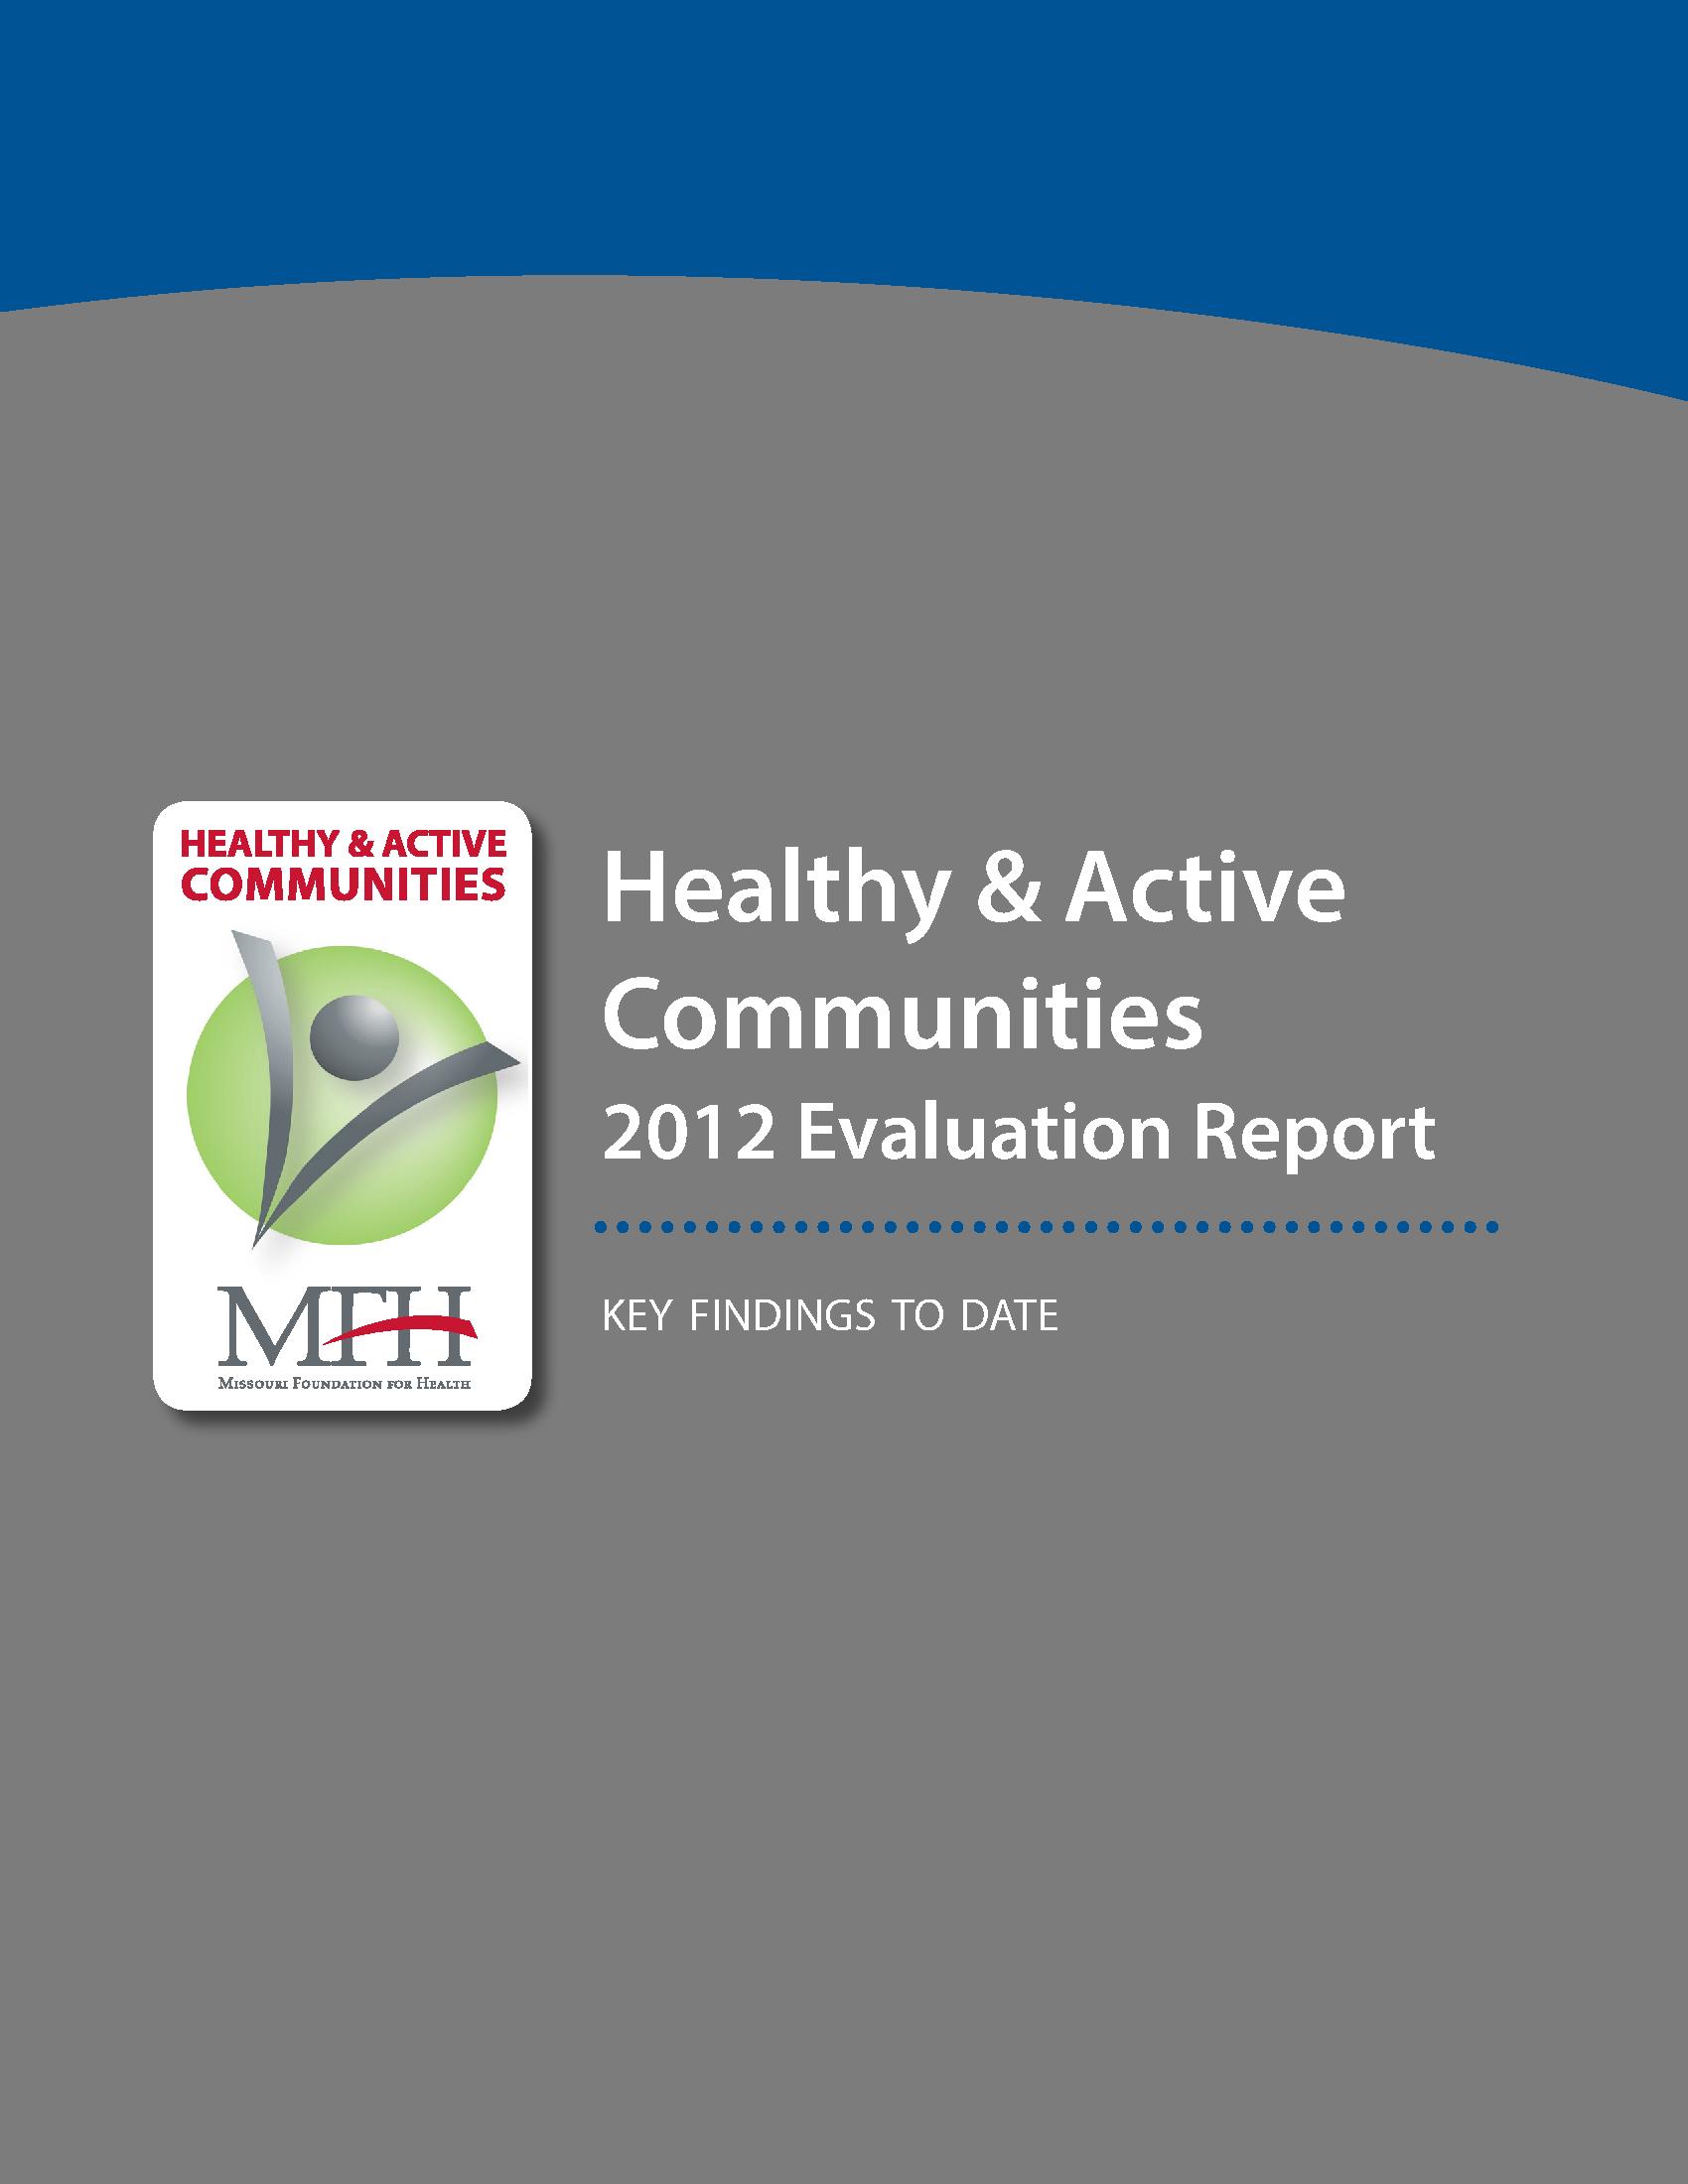 Healthy & Active Communities Evaluation Report 2012